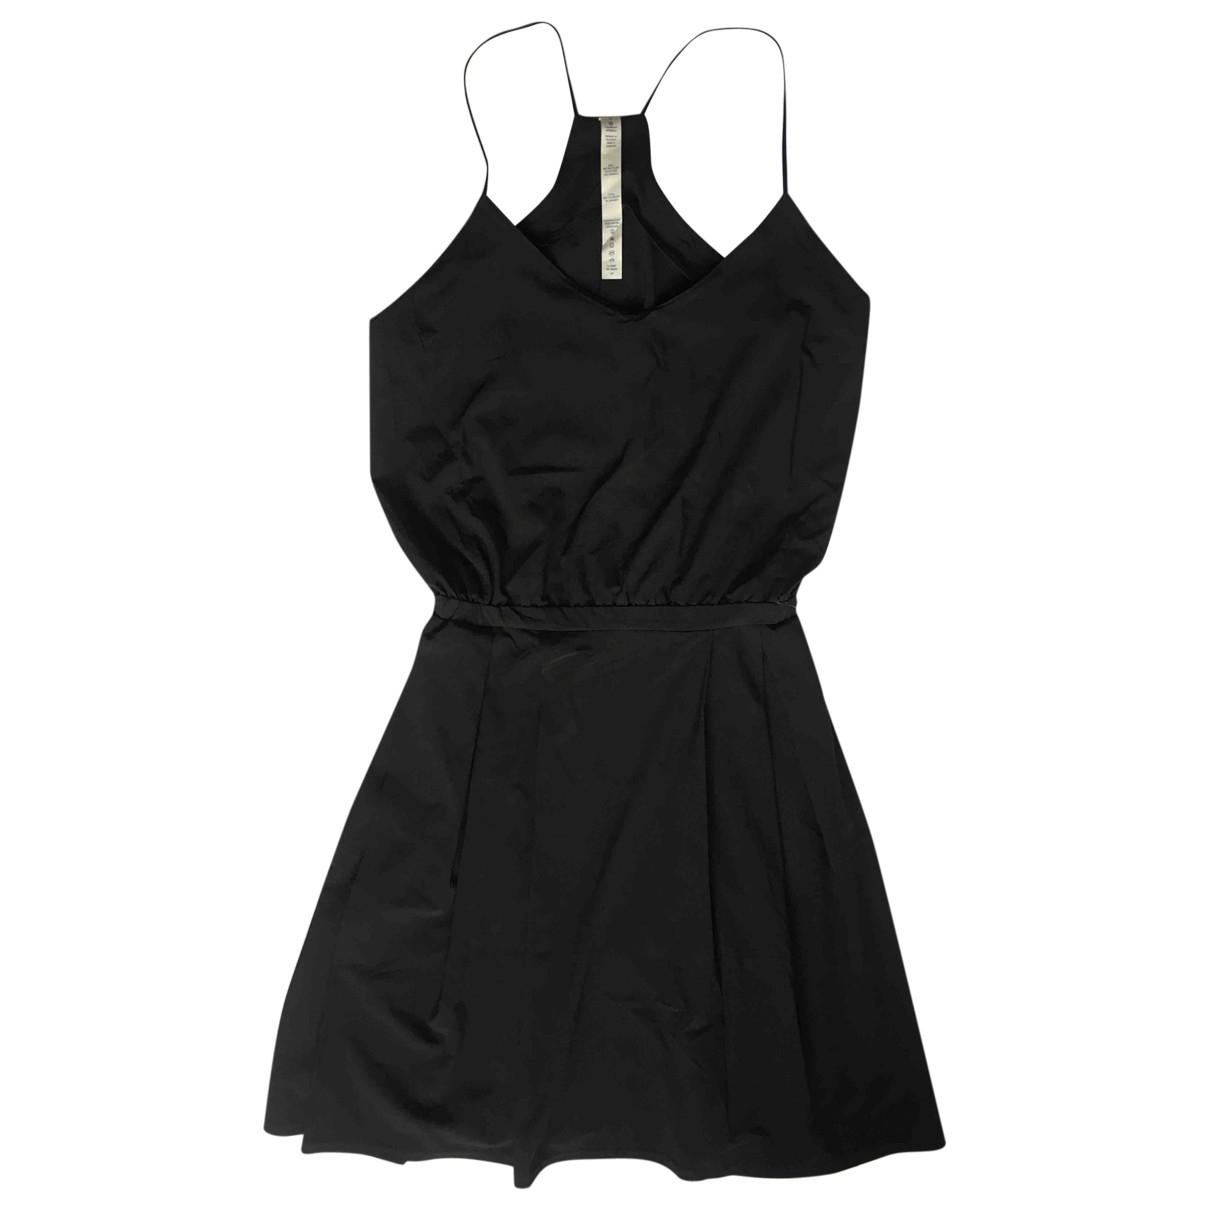 Lululemon - Robe   pour femme - noir